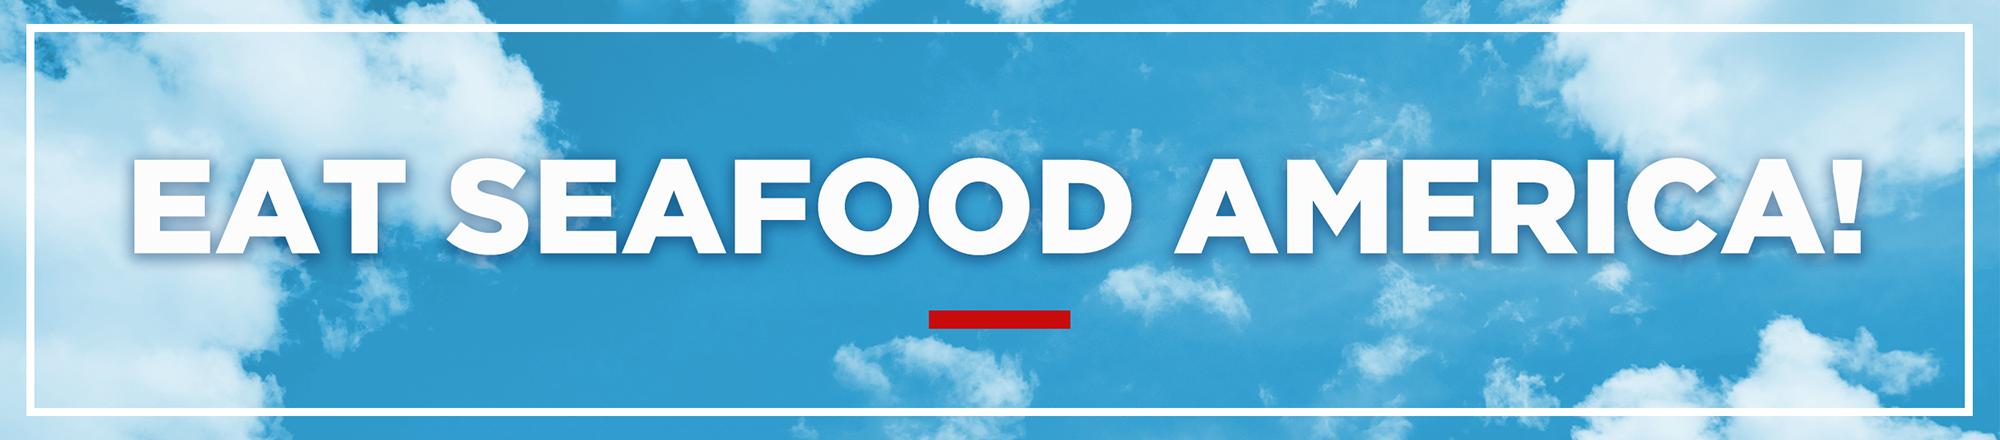 Eat Seafood America